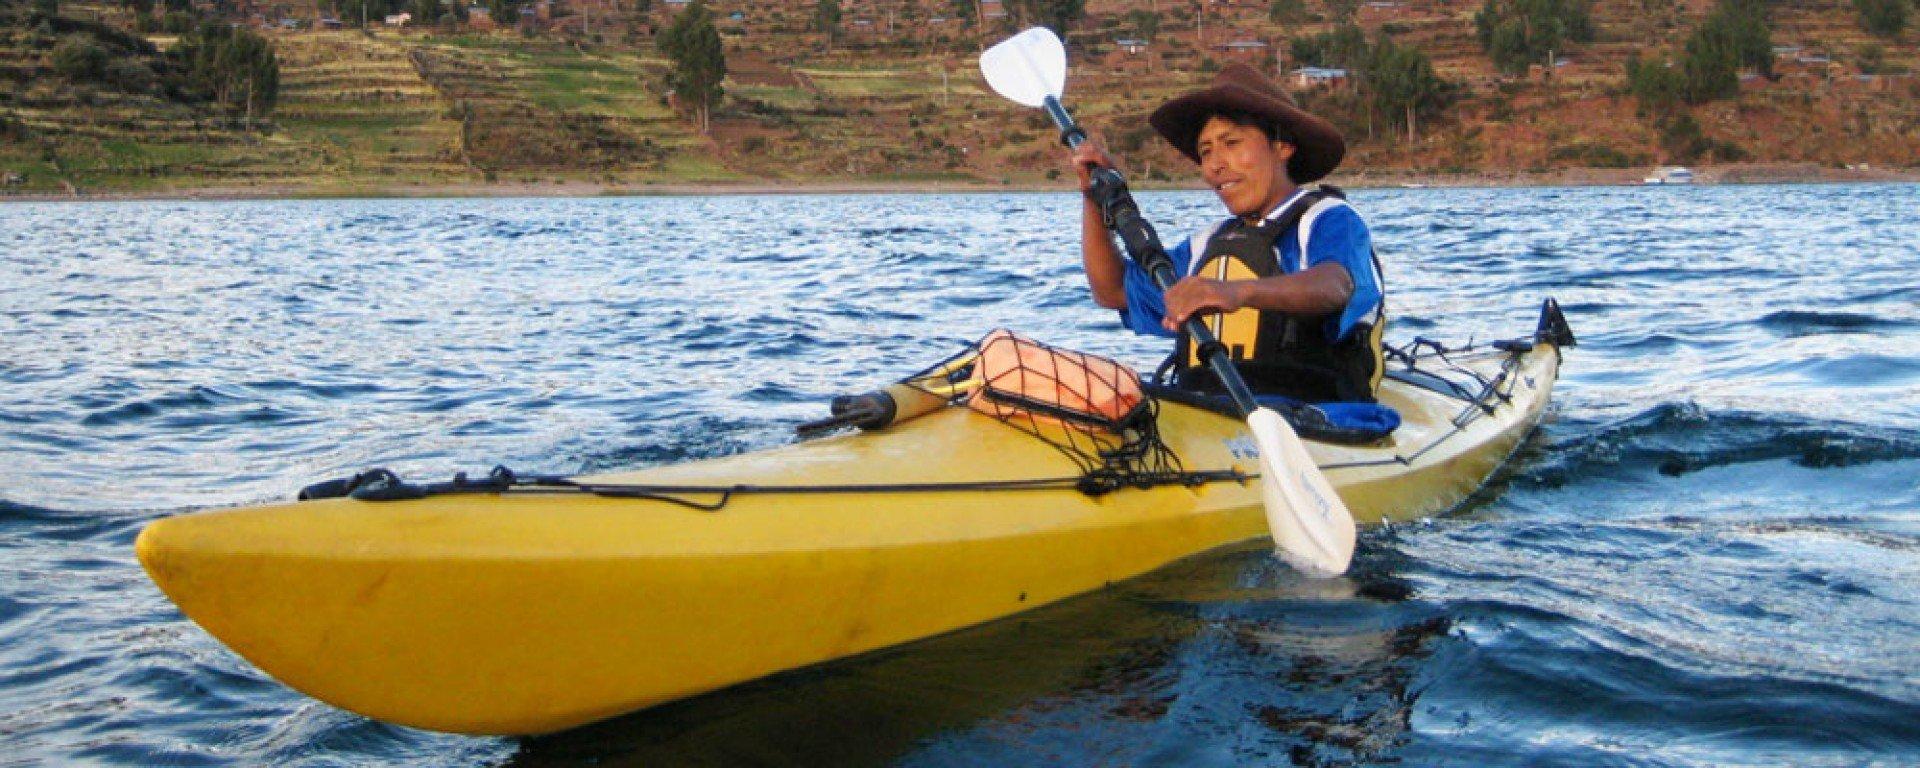 Sea kayaking Titicaca